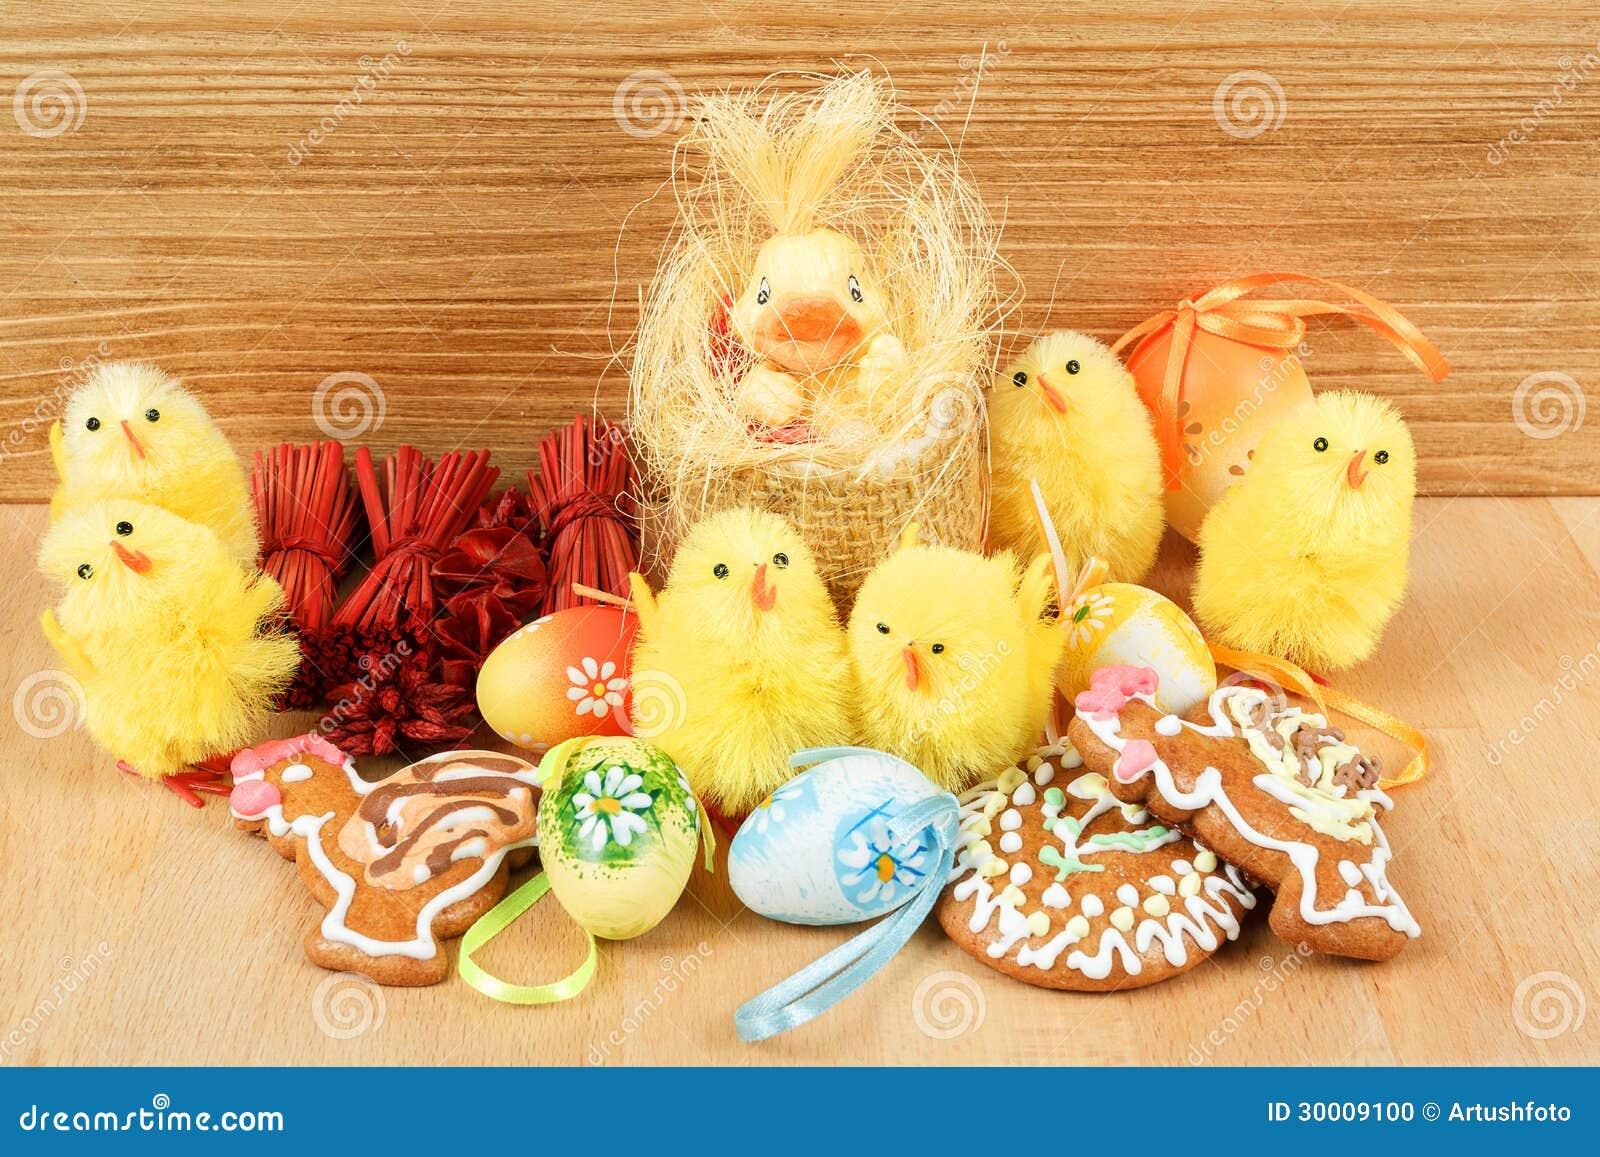 De decoratie van pasen peperkoek kip en geschilderde eieren stock foto afbeelding 30009100 - Foto van decoratie ...